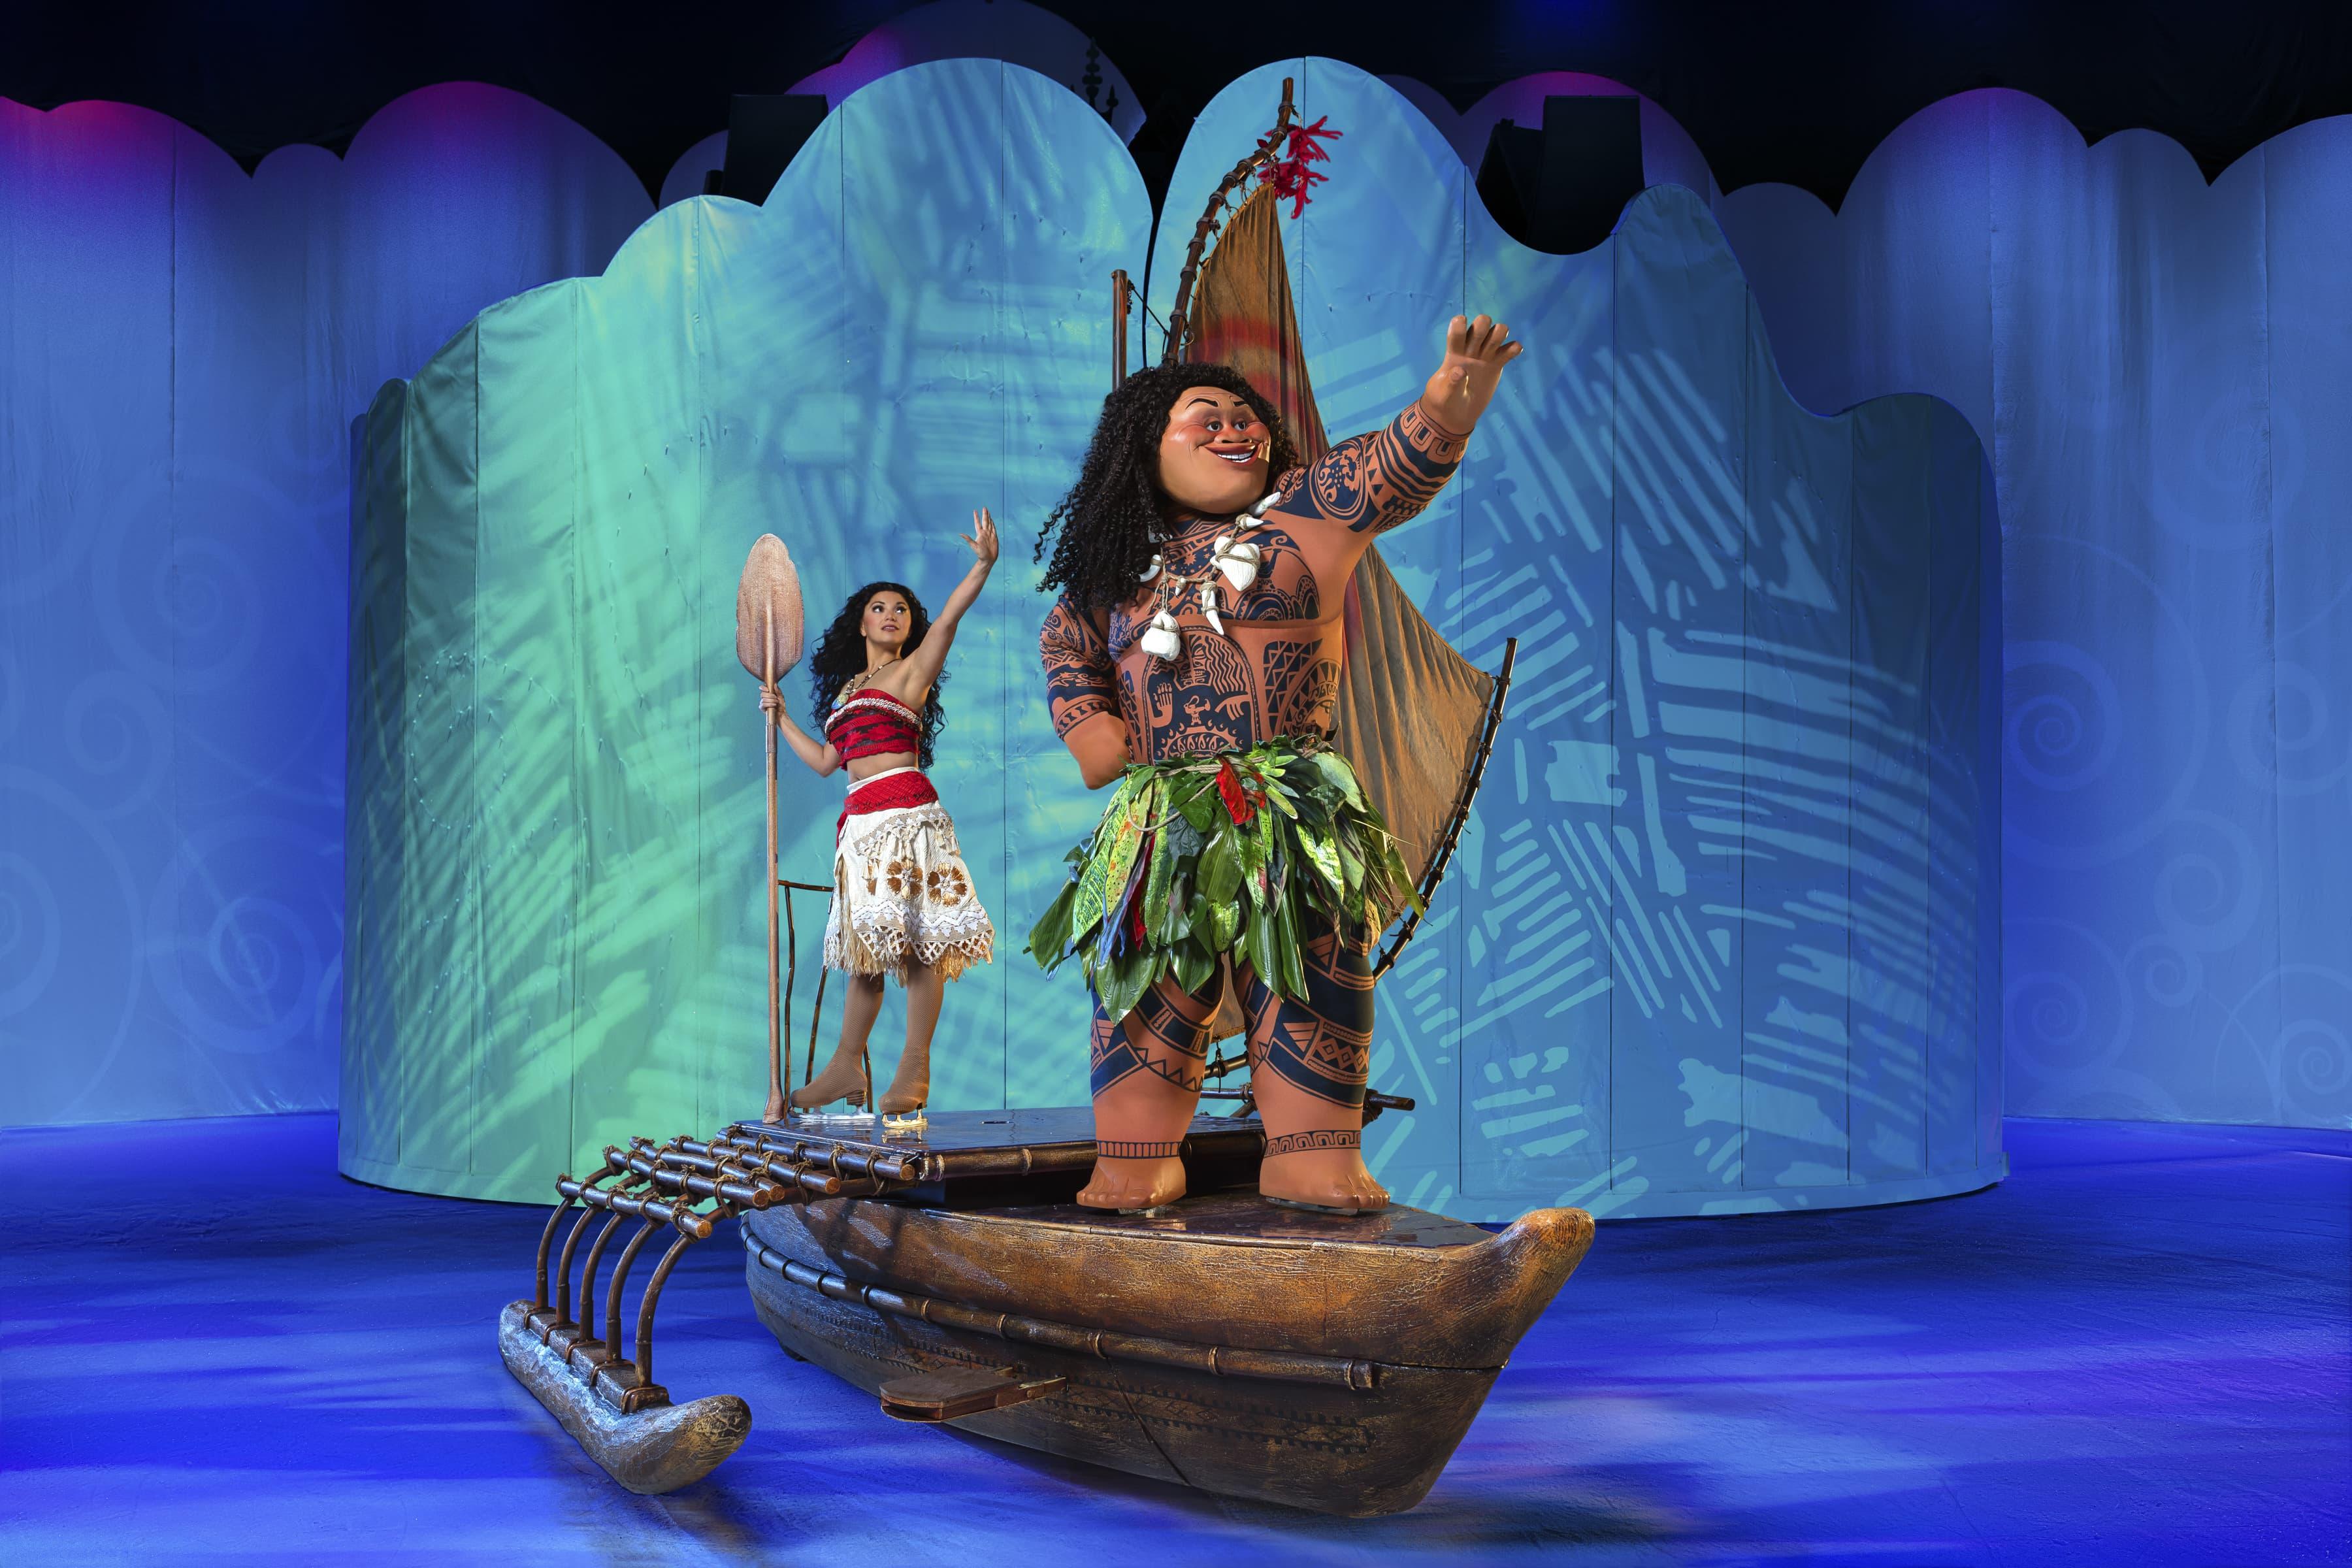 Moana and Maui on the canoe